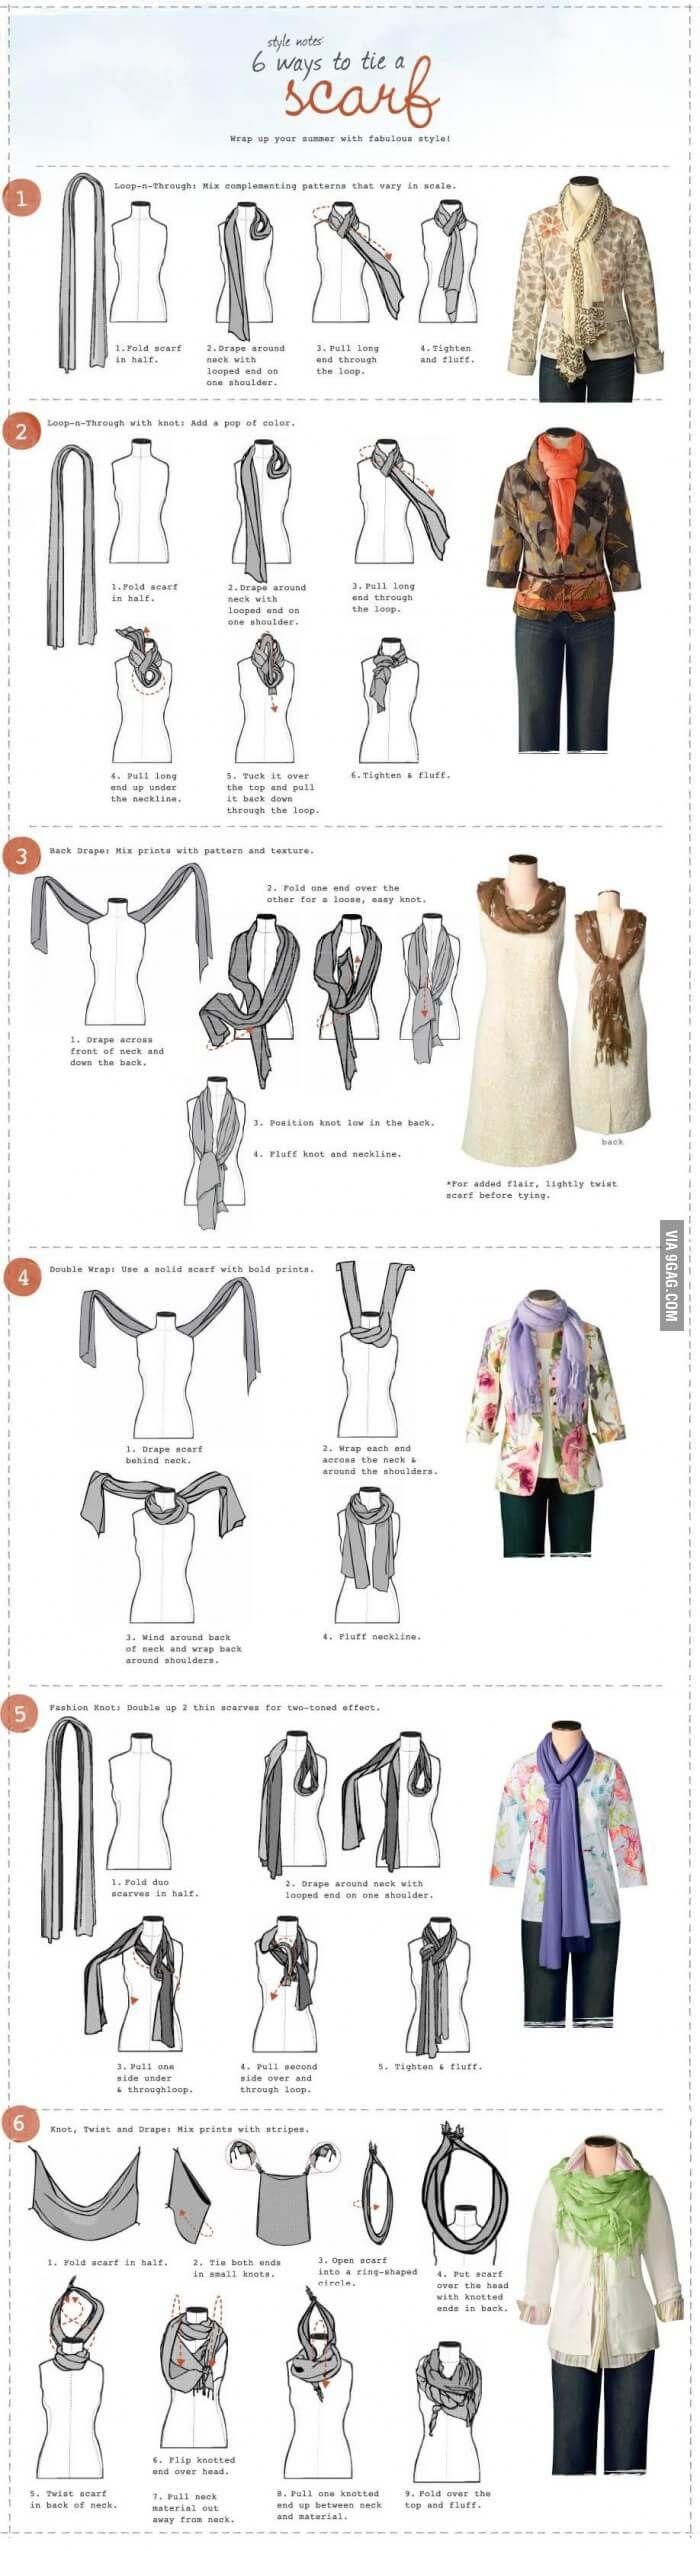 Maneiras para usar um lenço